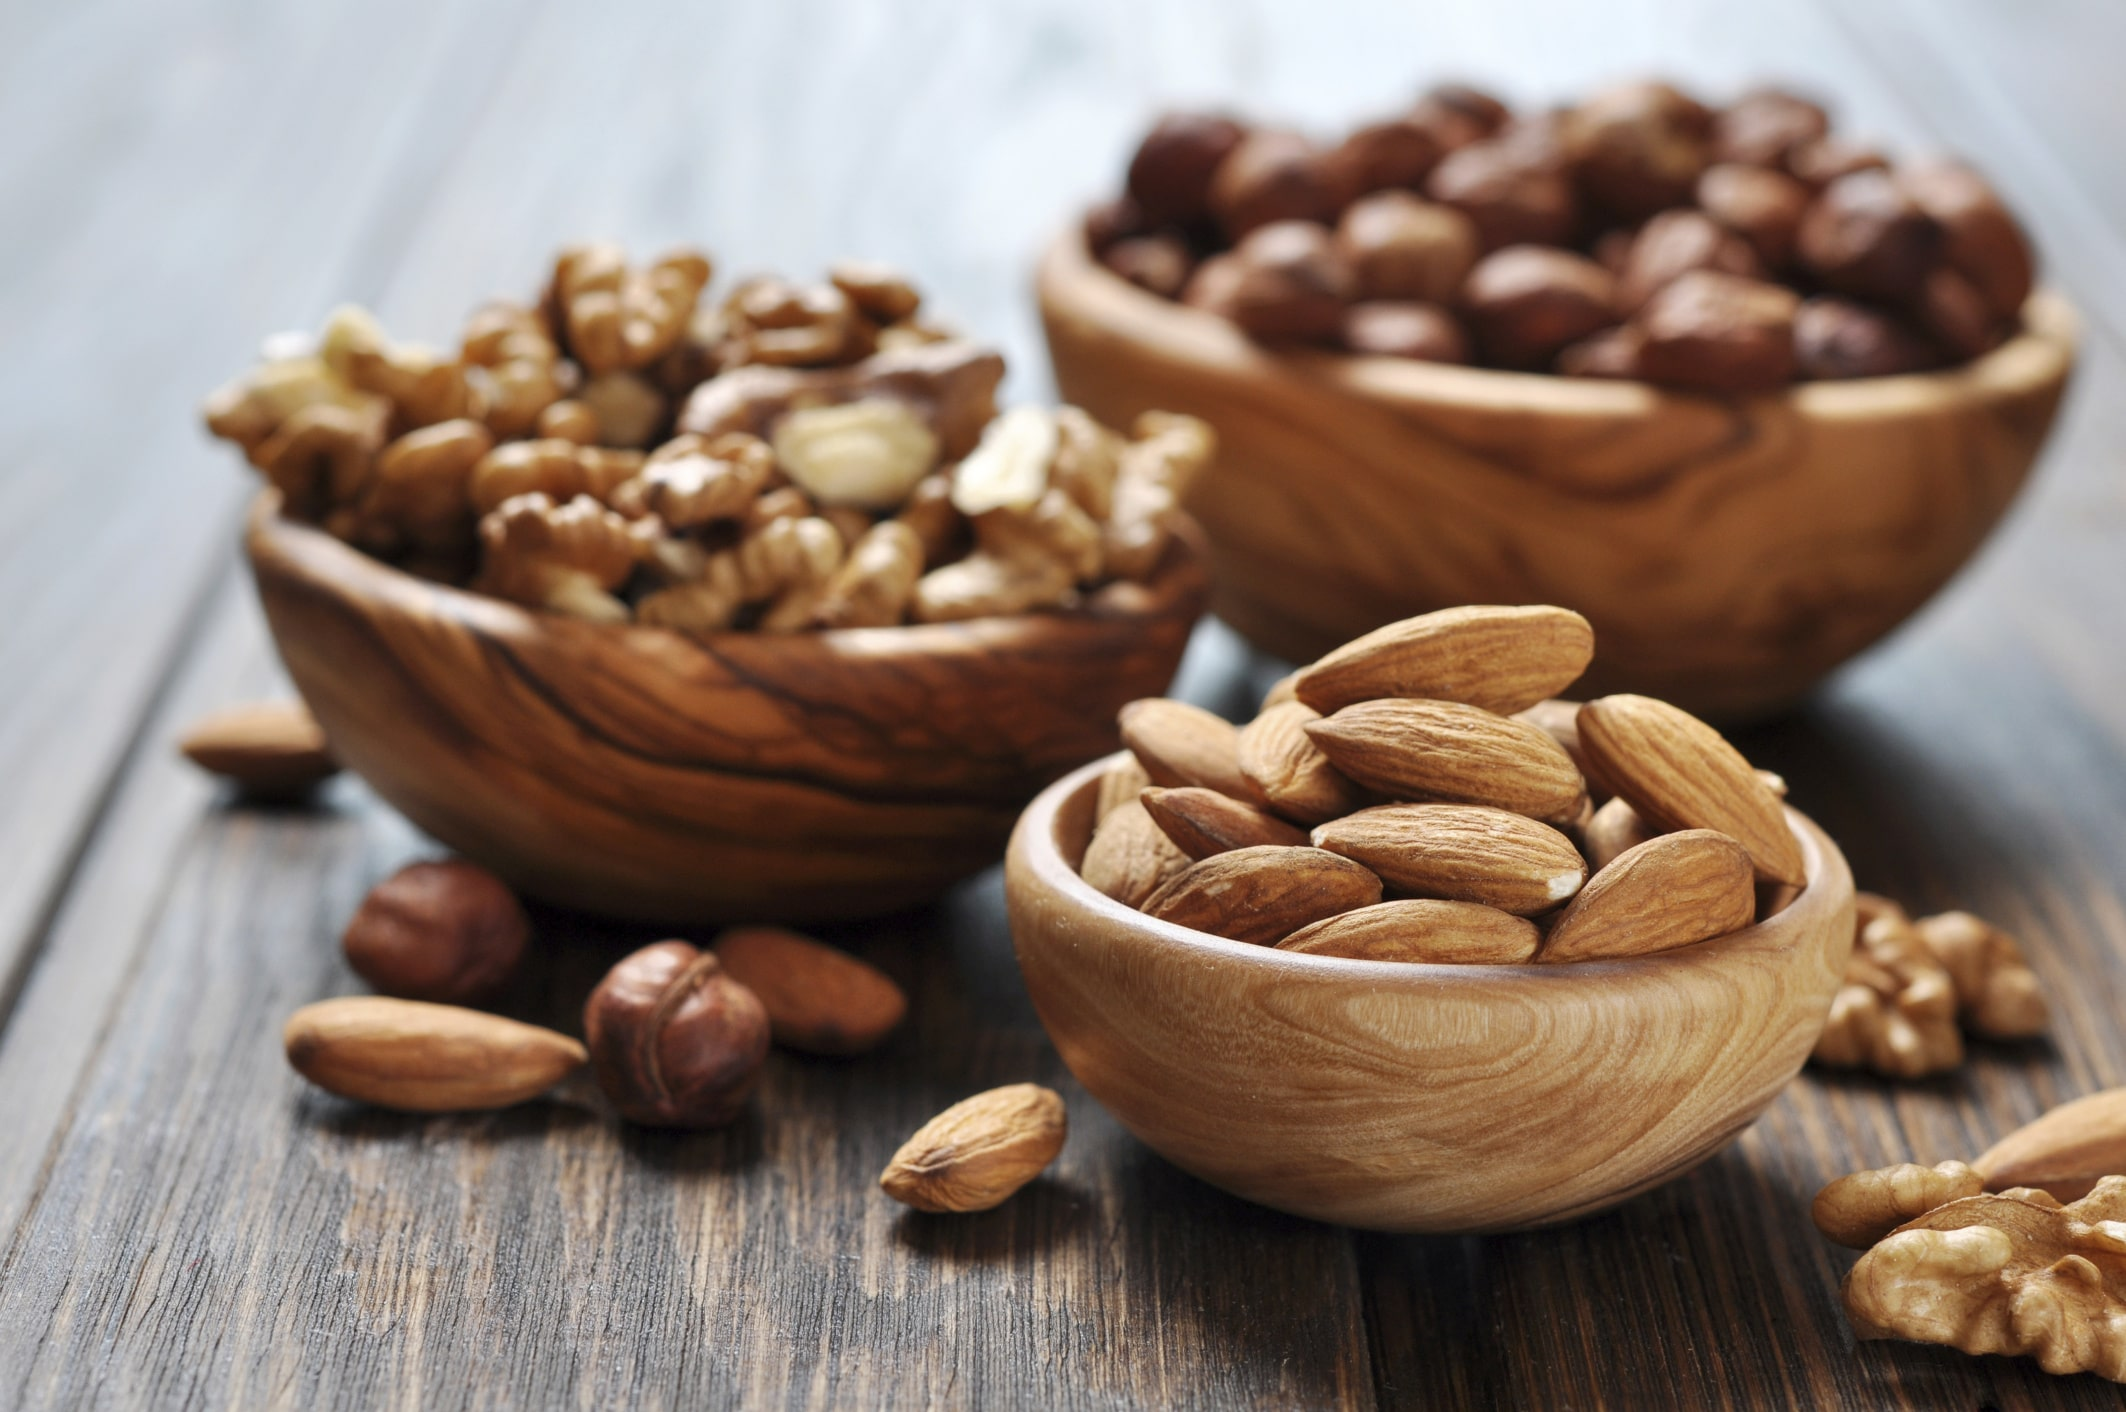 Frutta secca: i vantaggi per la salute - About Beauty